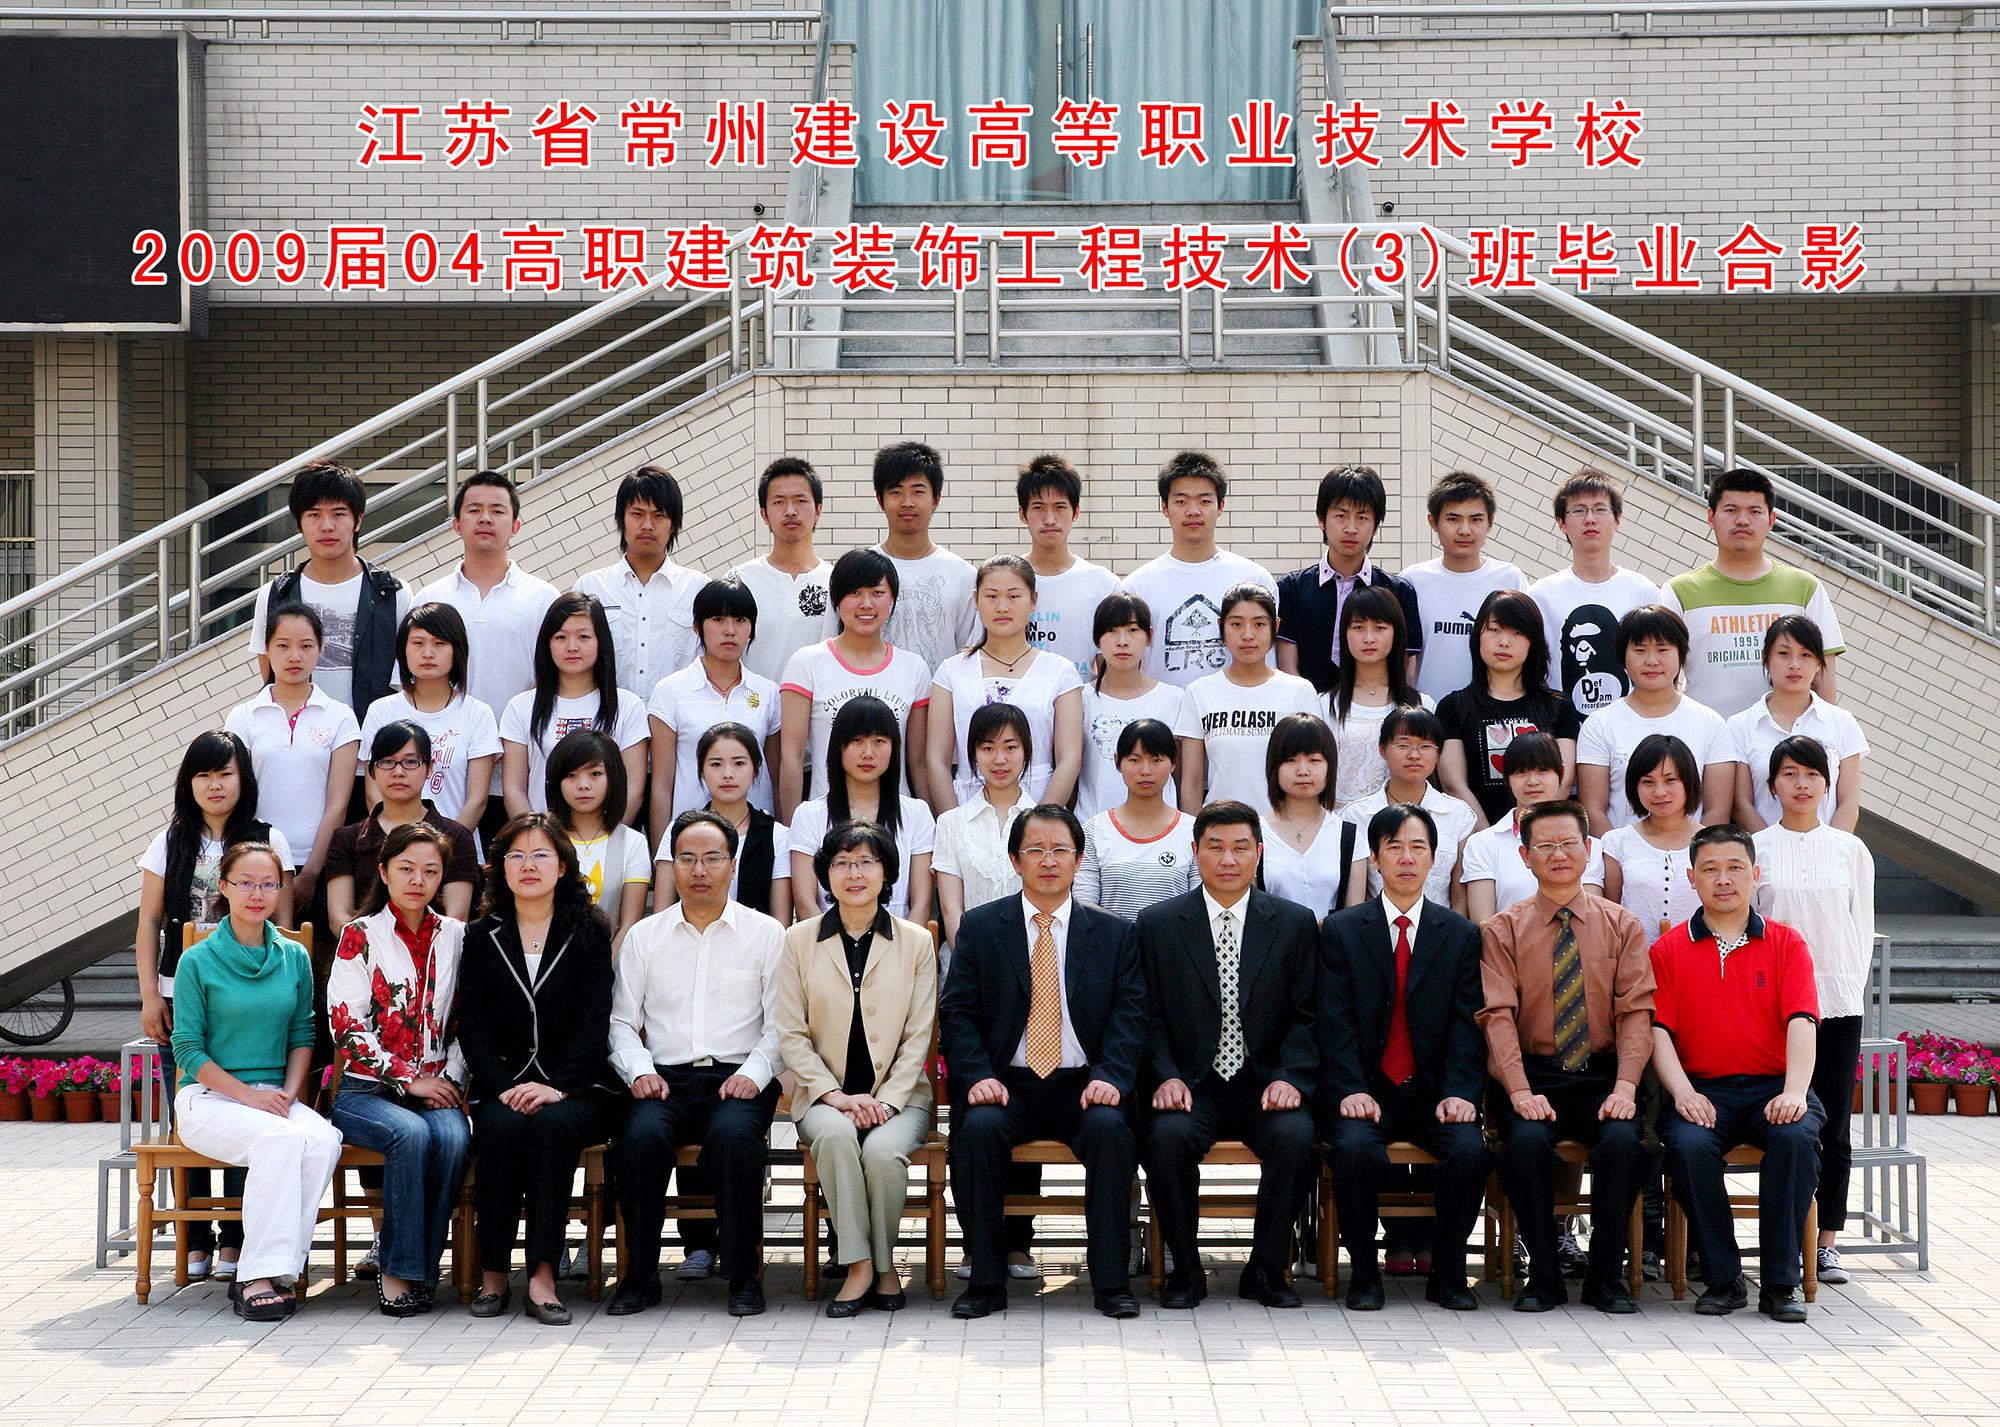 2009届04建筑装饰工程技术(3)班...